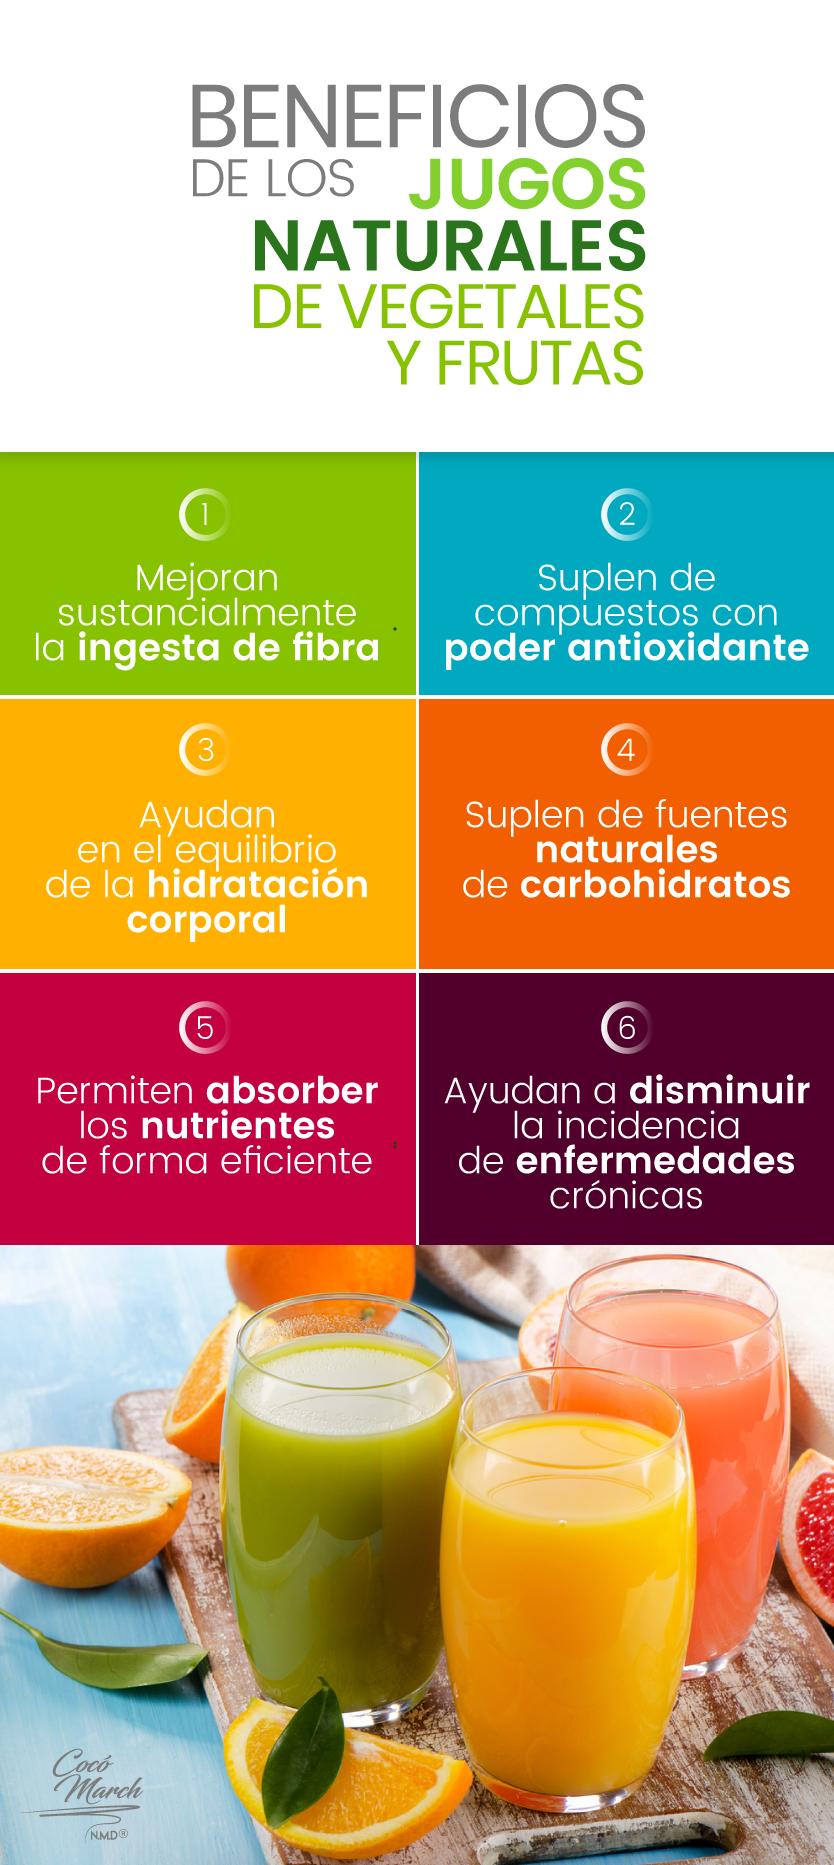 beneficios-de-los-jugos-de-frutas-y-vegetales